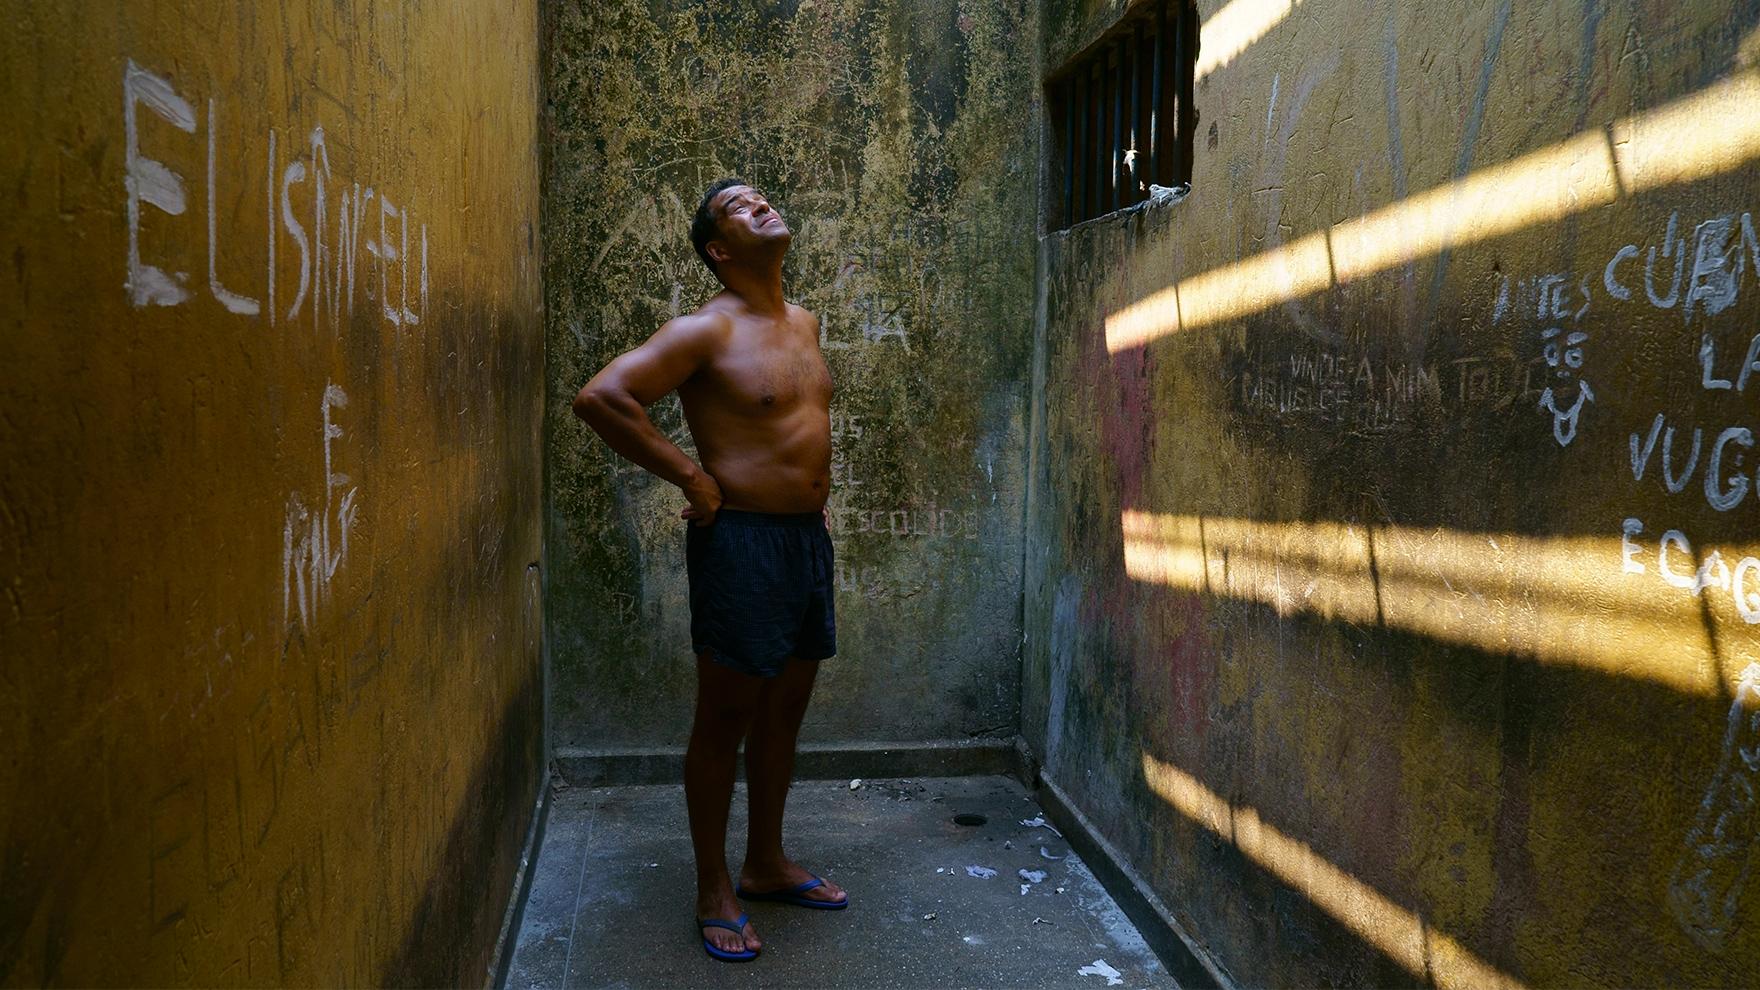 RR-in-Brazil-Prison-_The-Gladiator__